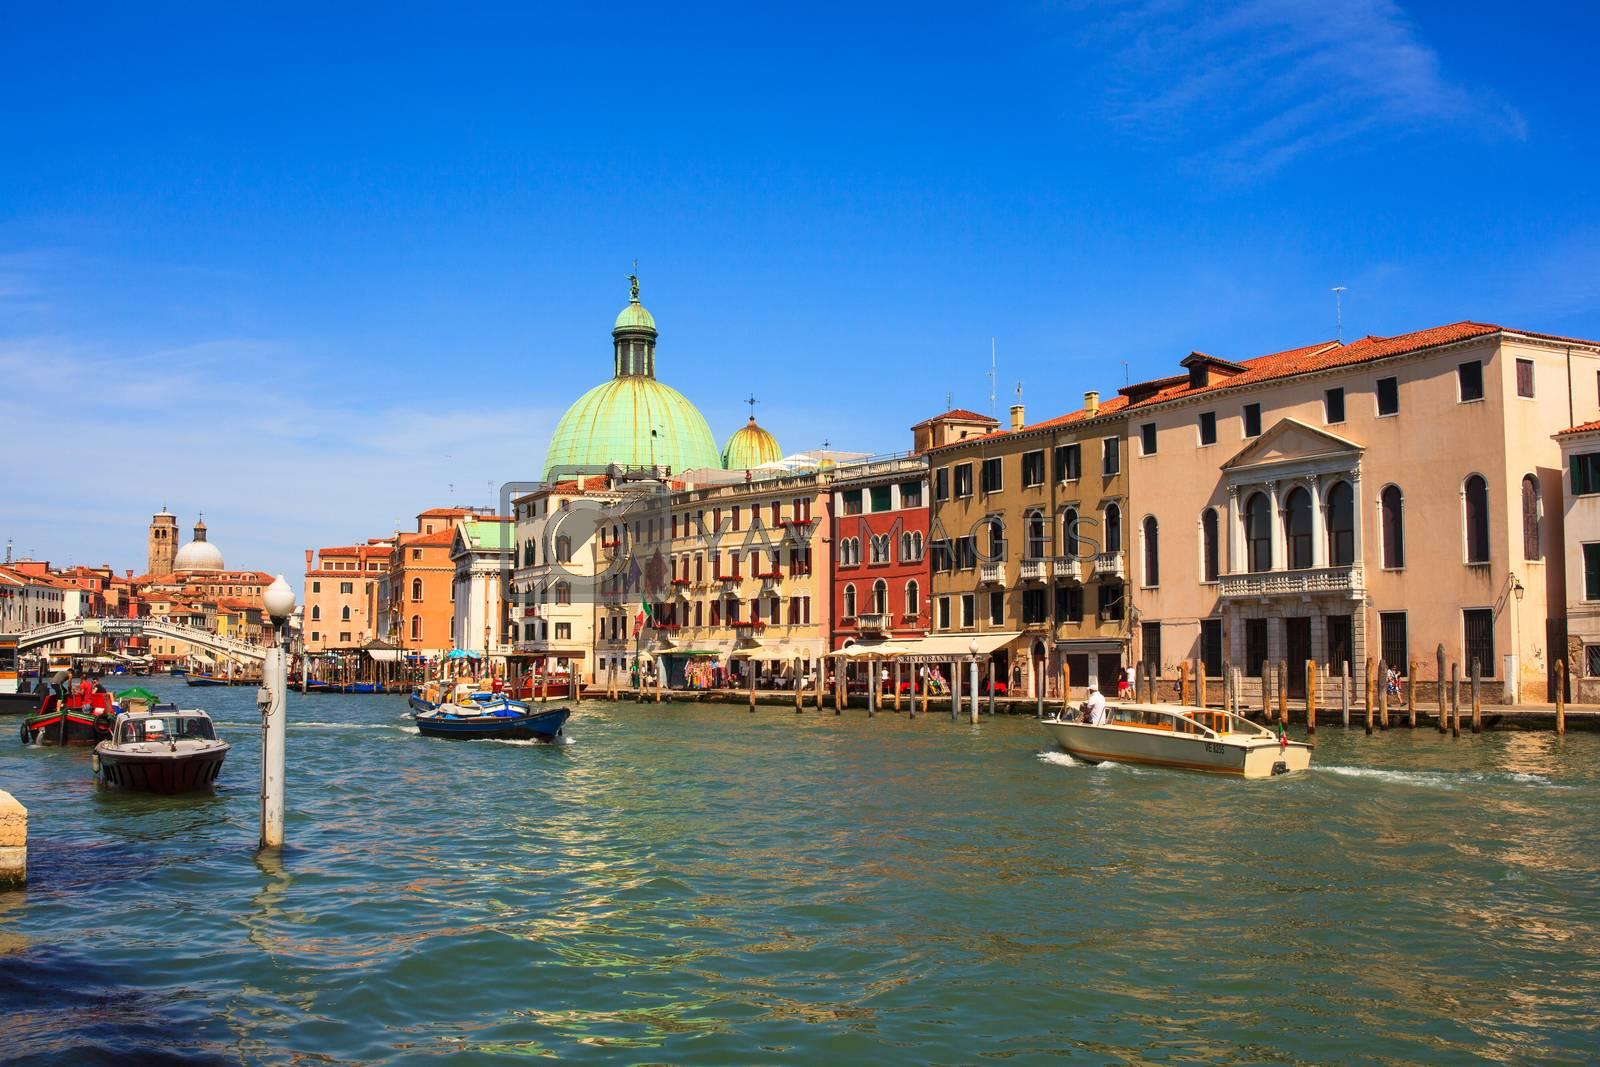 View of San Simeone e Giuda church in Venice